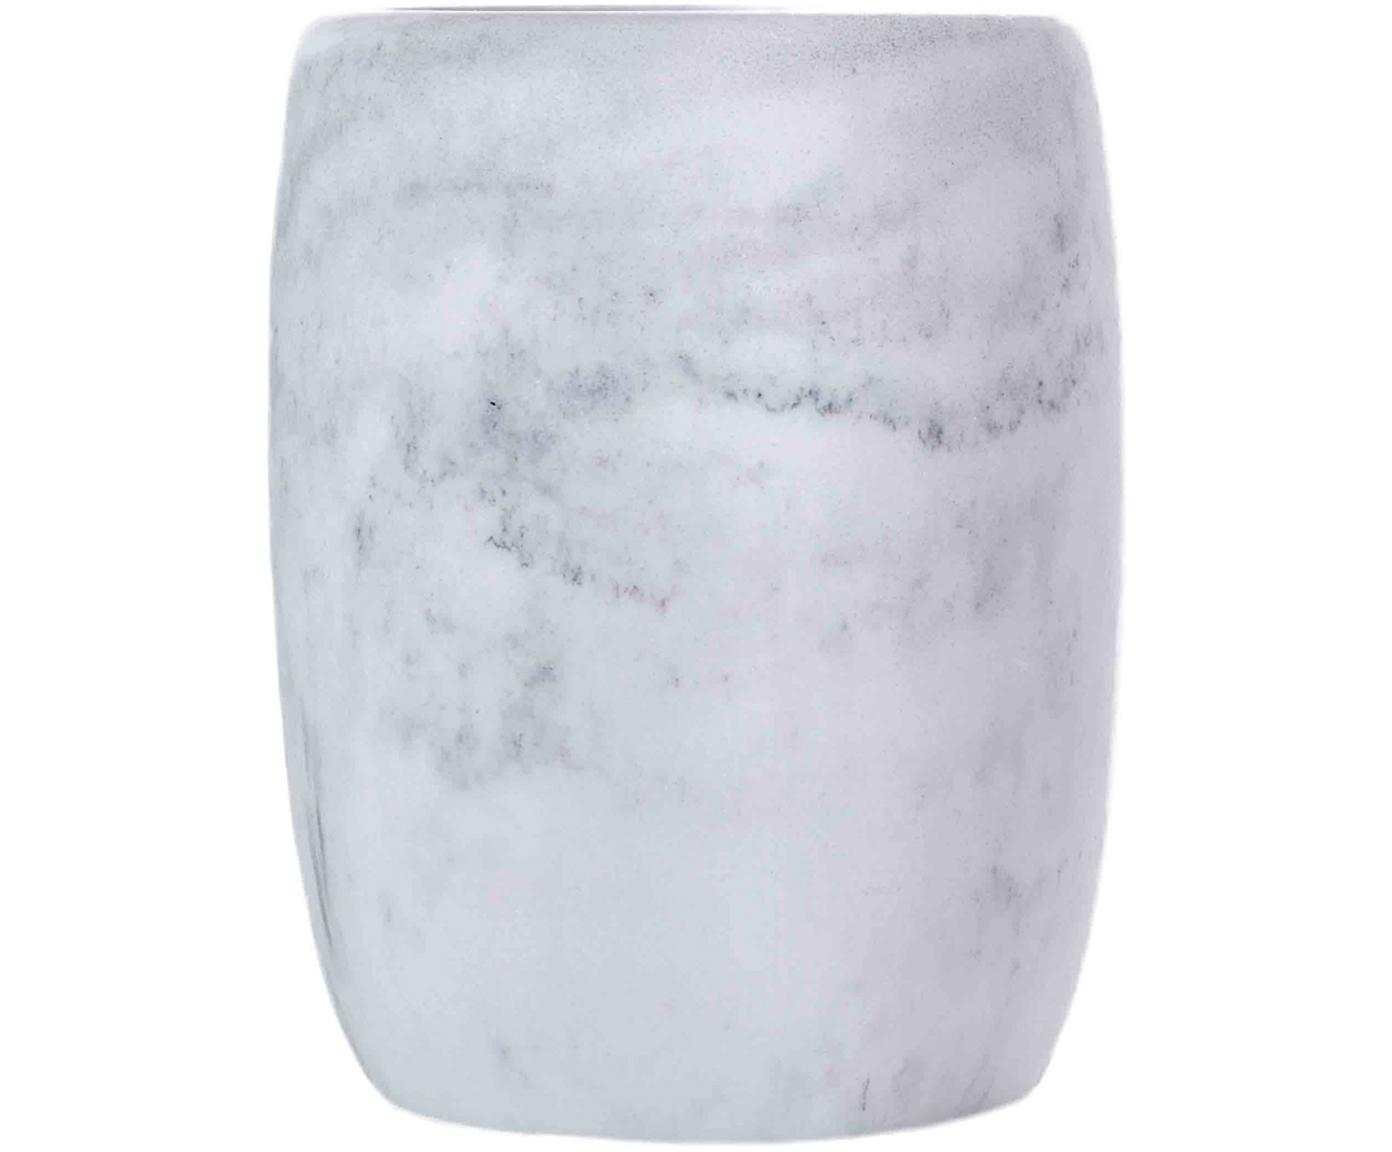 Kubek na szczoteczki Marblis, Poliresing, Biały, Ø 7 x W 10 cm